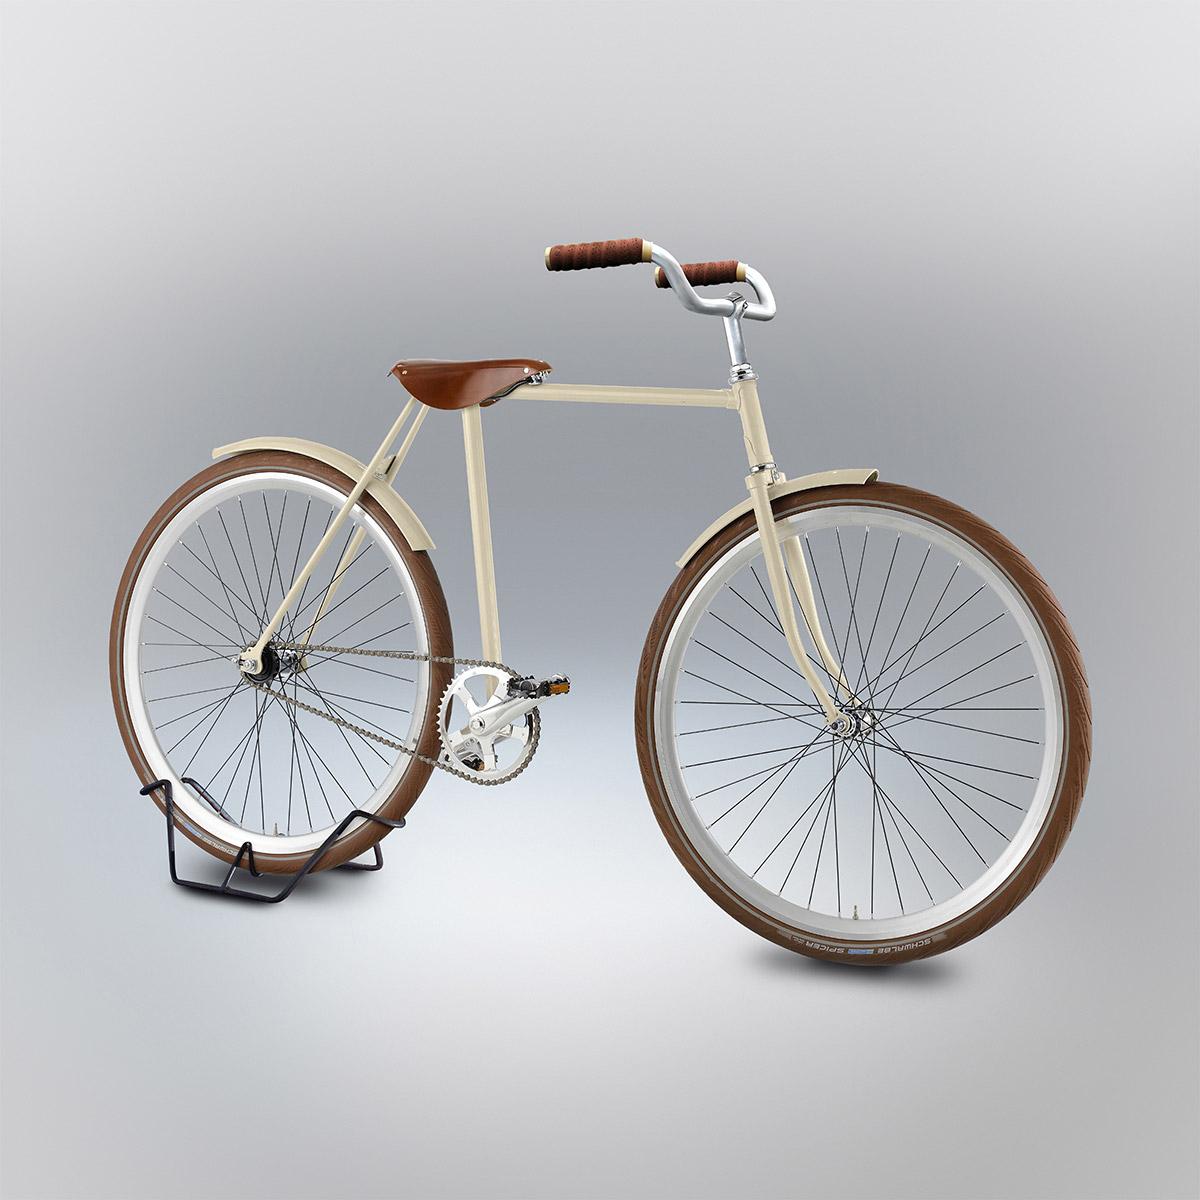 bike by mistake 12